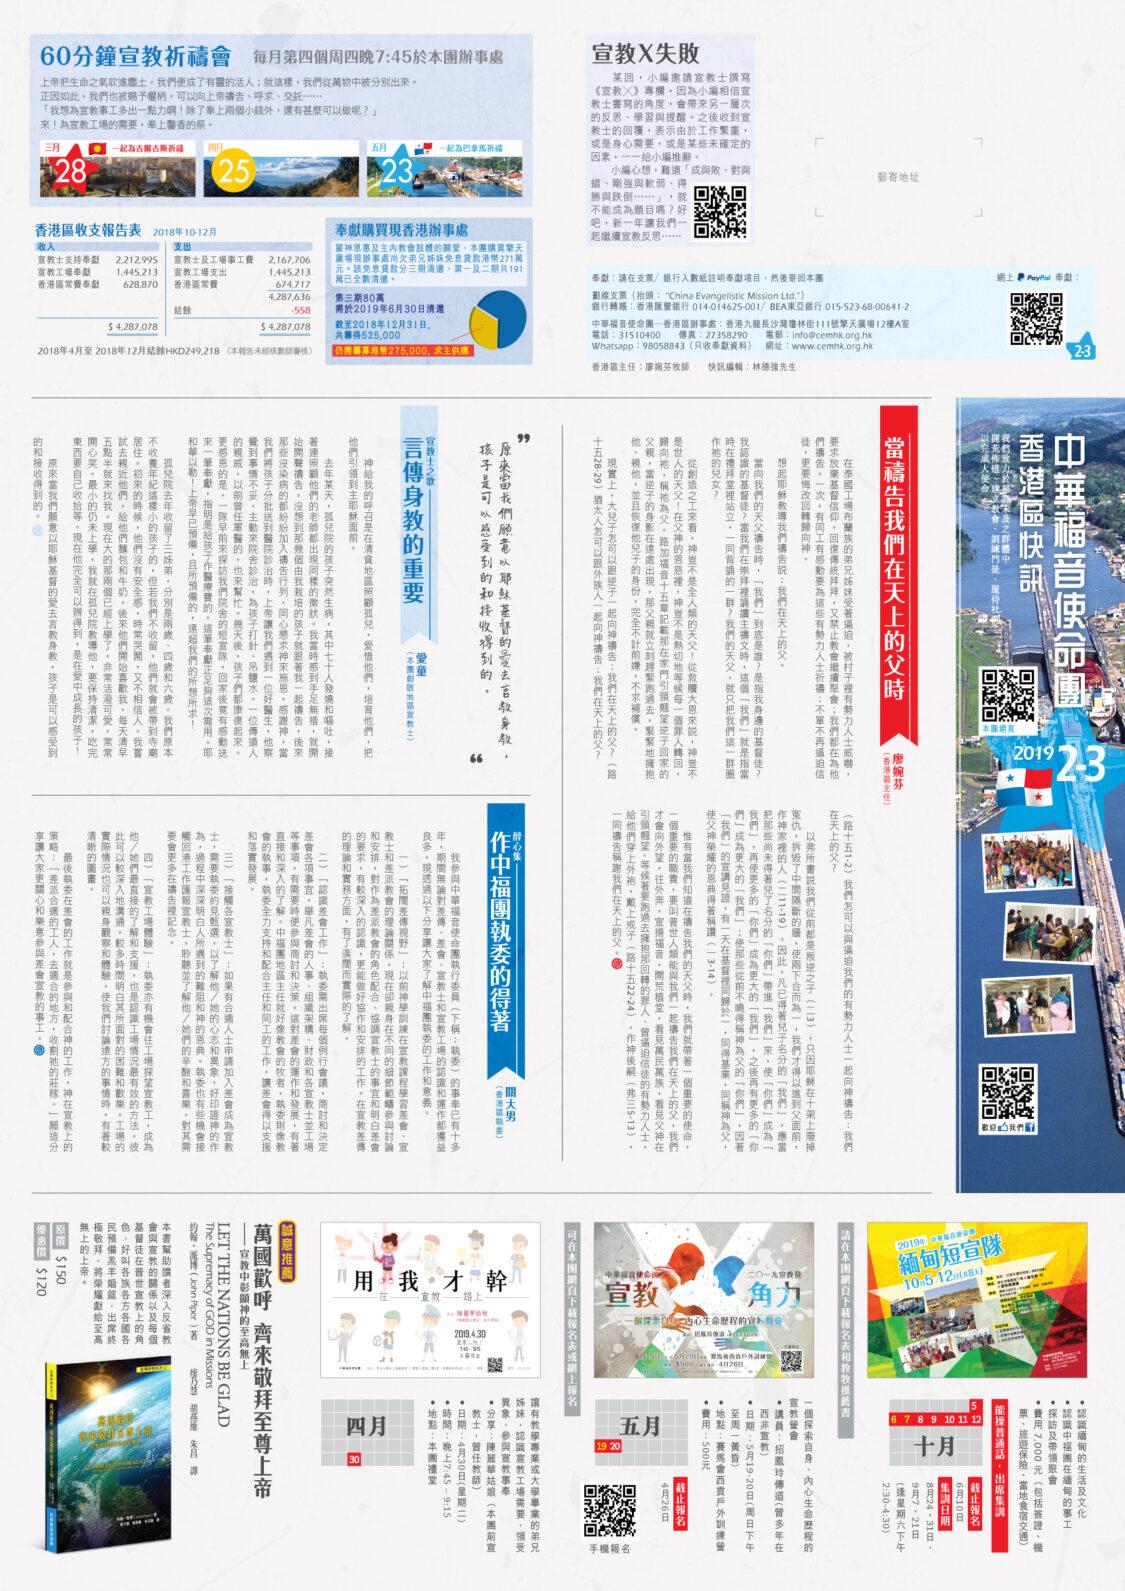 香港區快訊 2019(02)-01